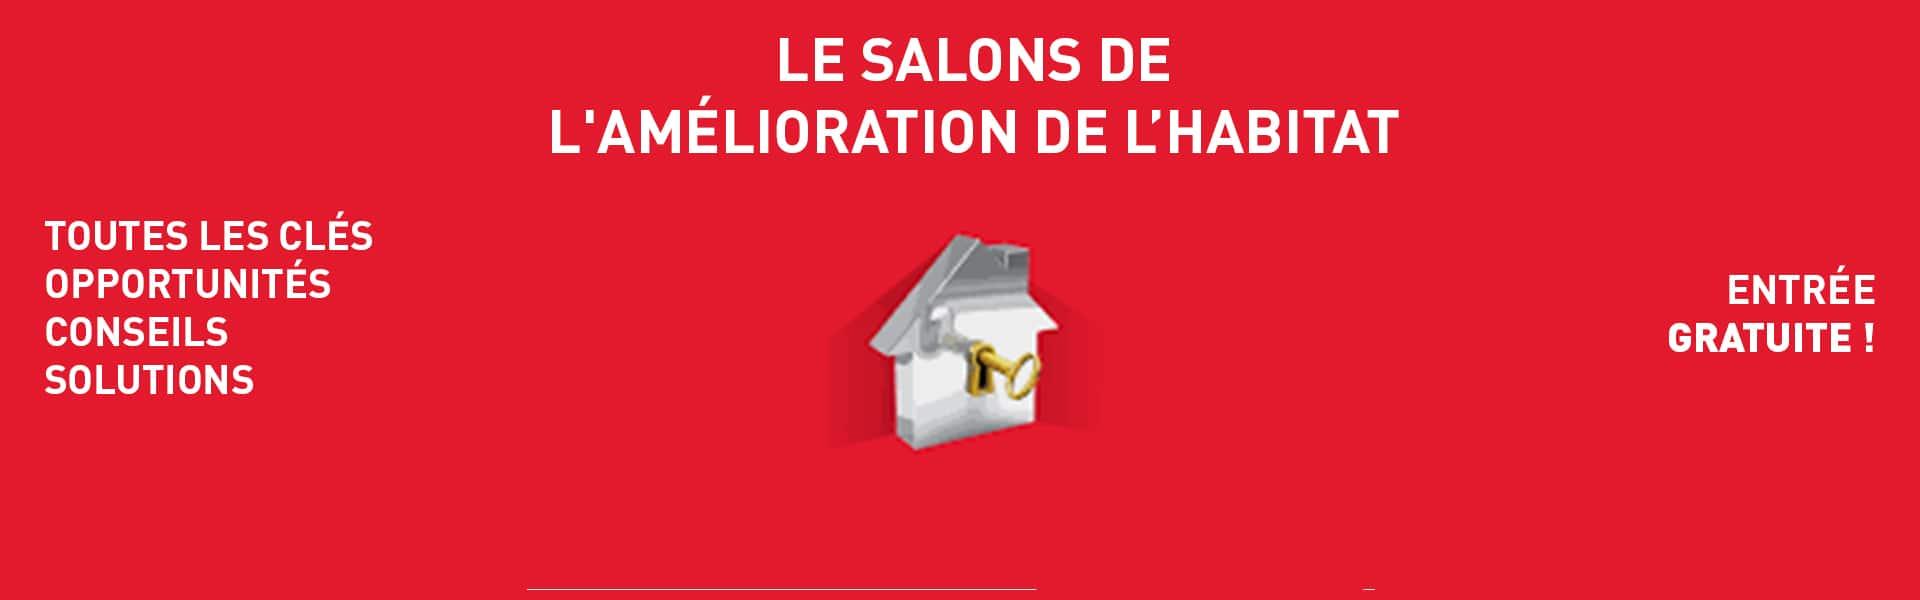 Cédric BAUM sera présent au salon de l'amélioration de l'habitat de Grenoble